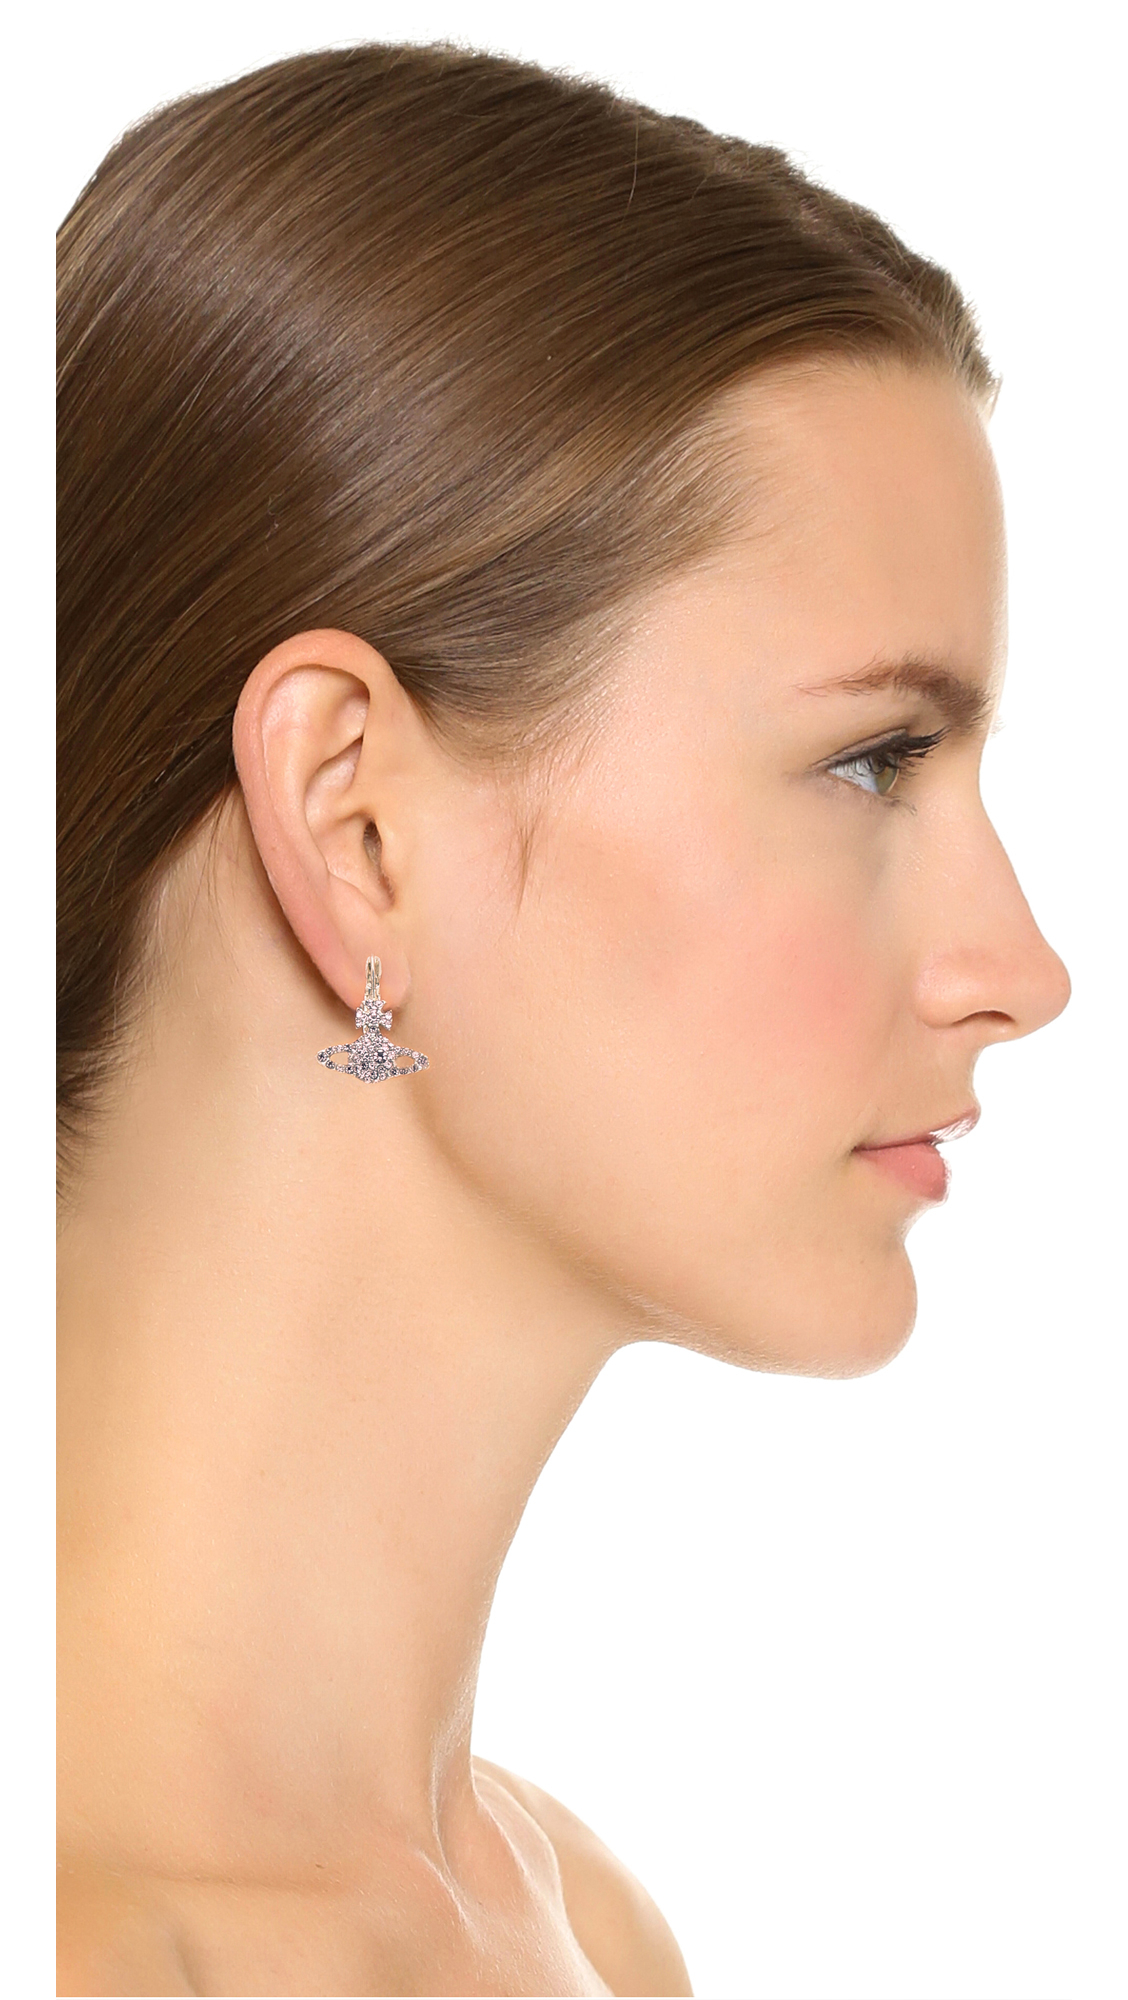 76bb8d55001890 Vivienne Westwood Grace Bas Relief Earrings - Light Amethyst in ...